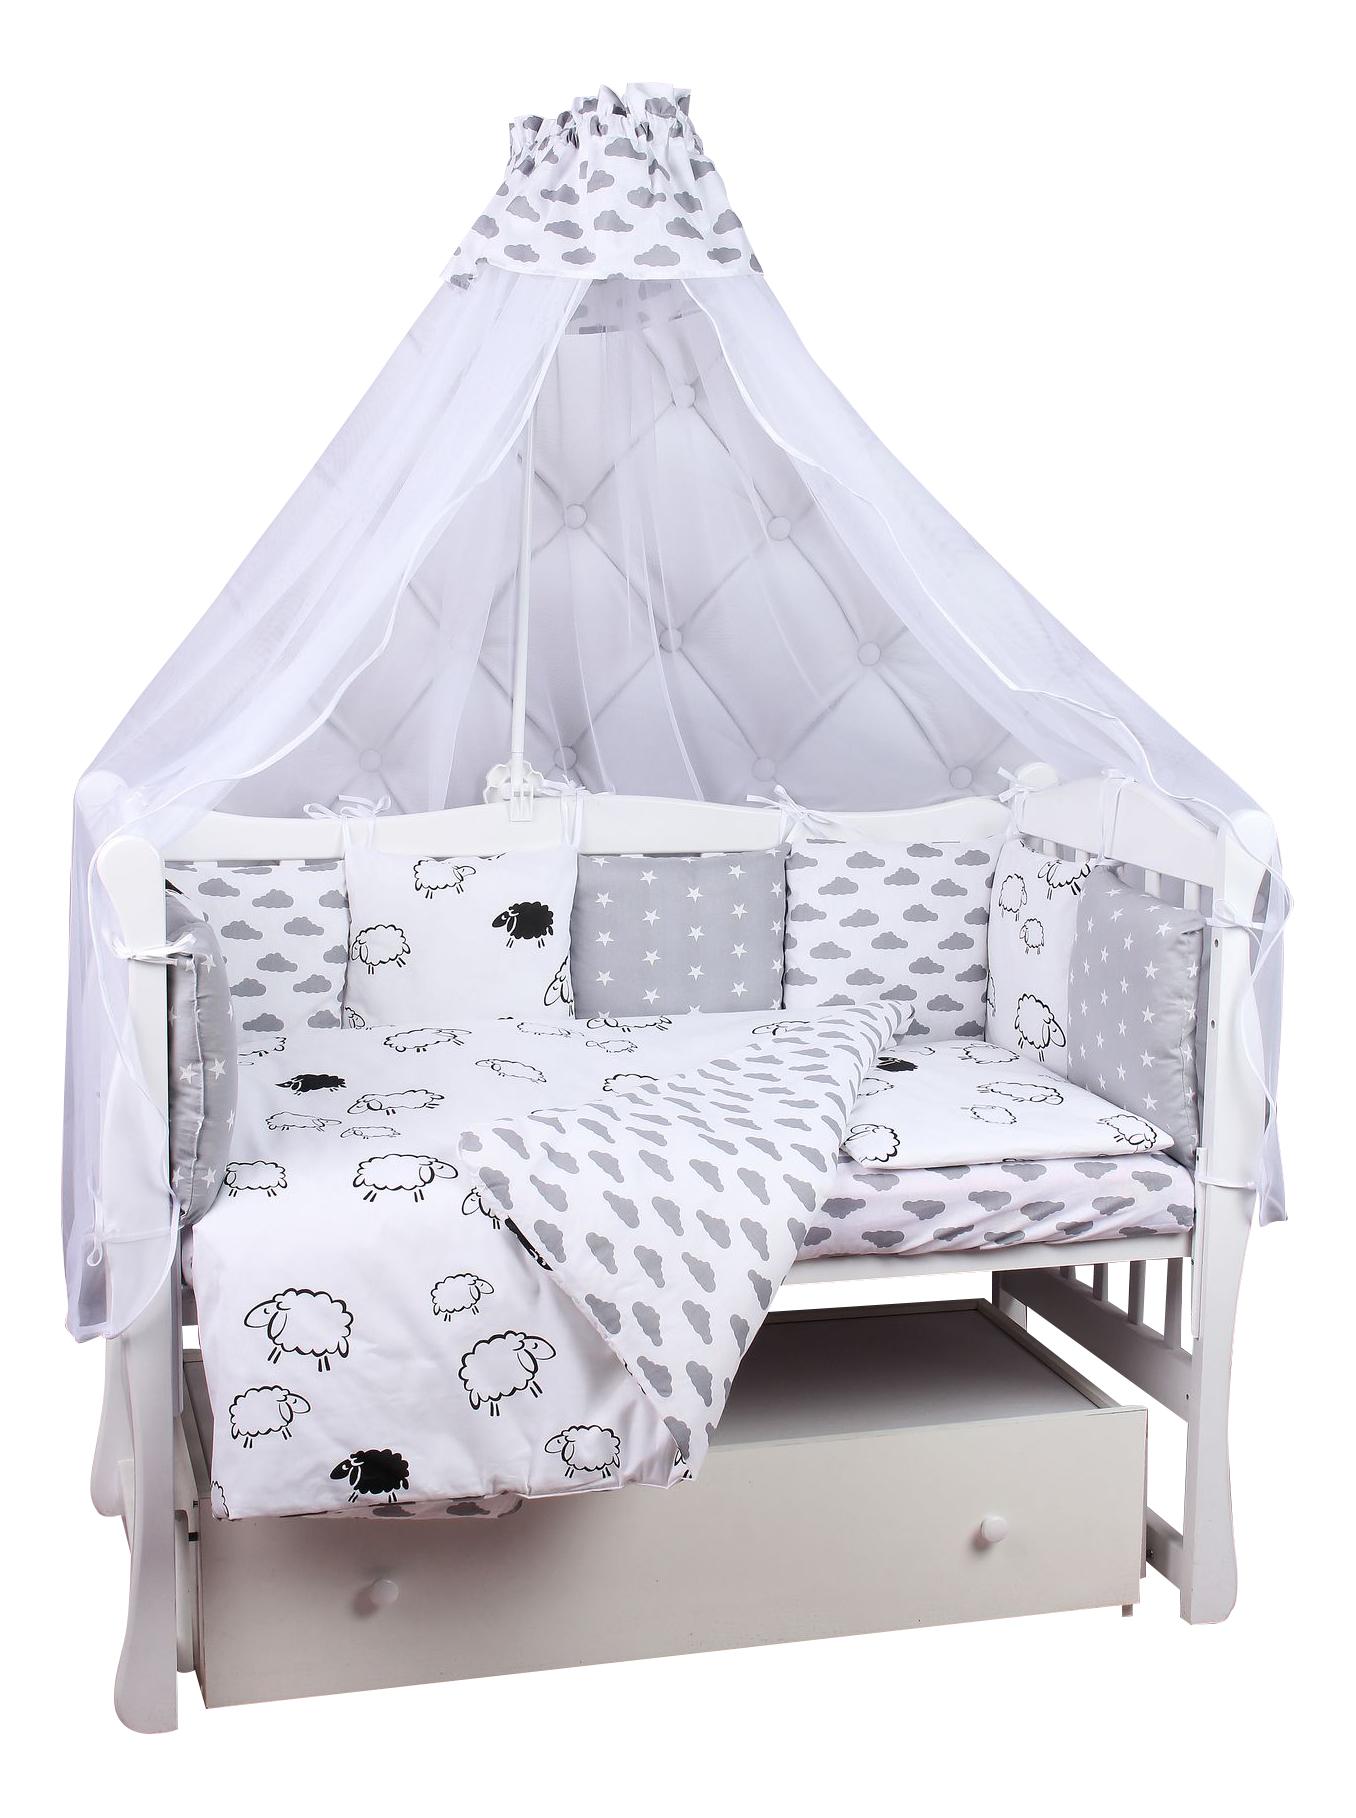 Комплект в кроватку Amarobaby Good night 19 предметов фото